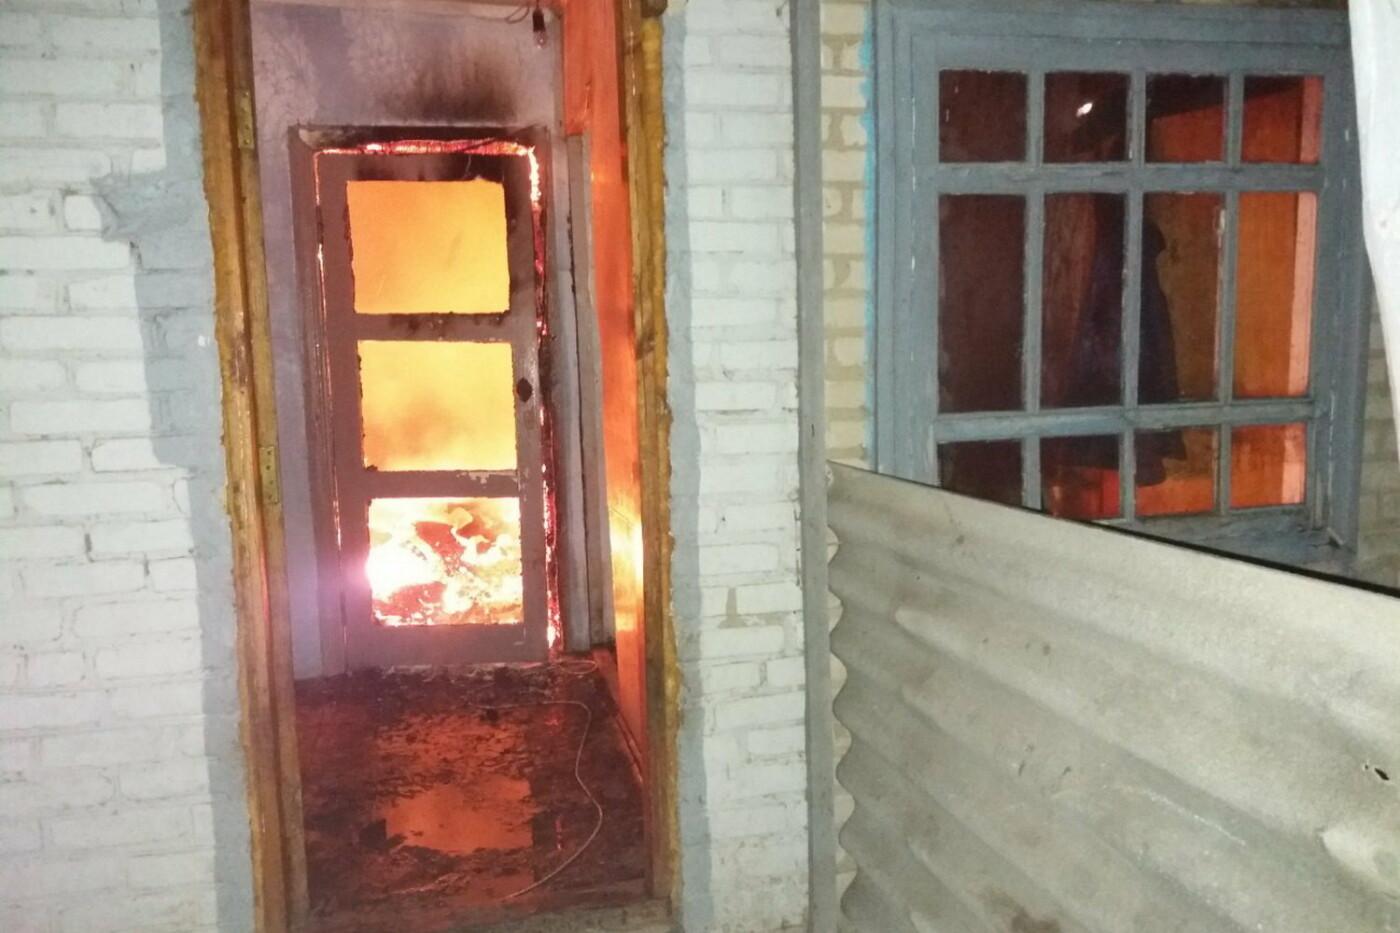 В селе под Харьковом сгорели два местных жителя, - ФОТО, фото-2